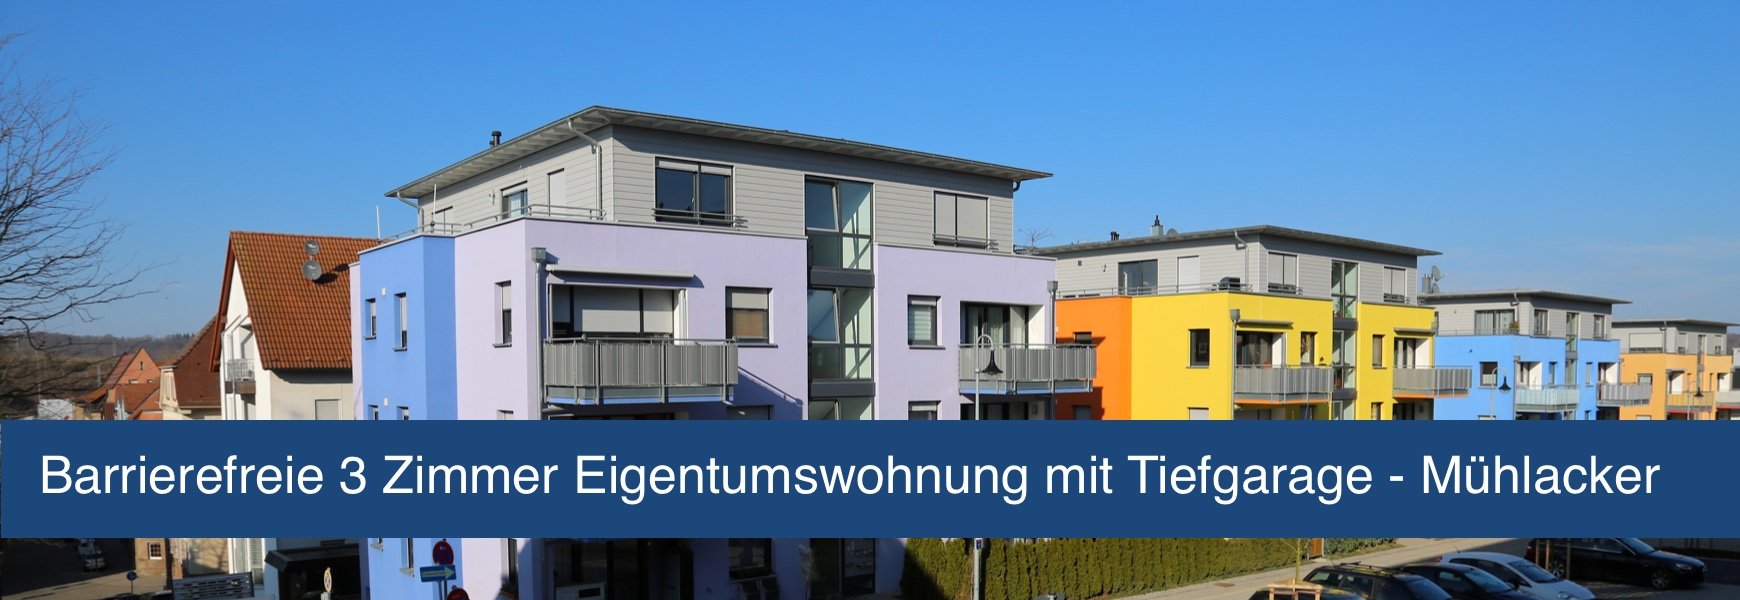 Barrierefreie Immobilie Mühlacker 3 Zimmer Eigentumswohnung